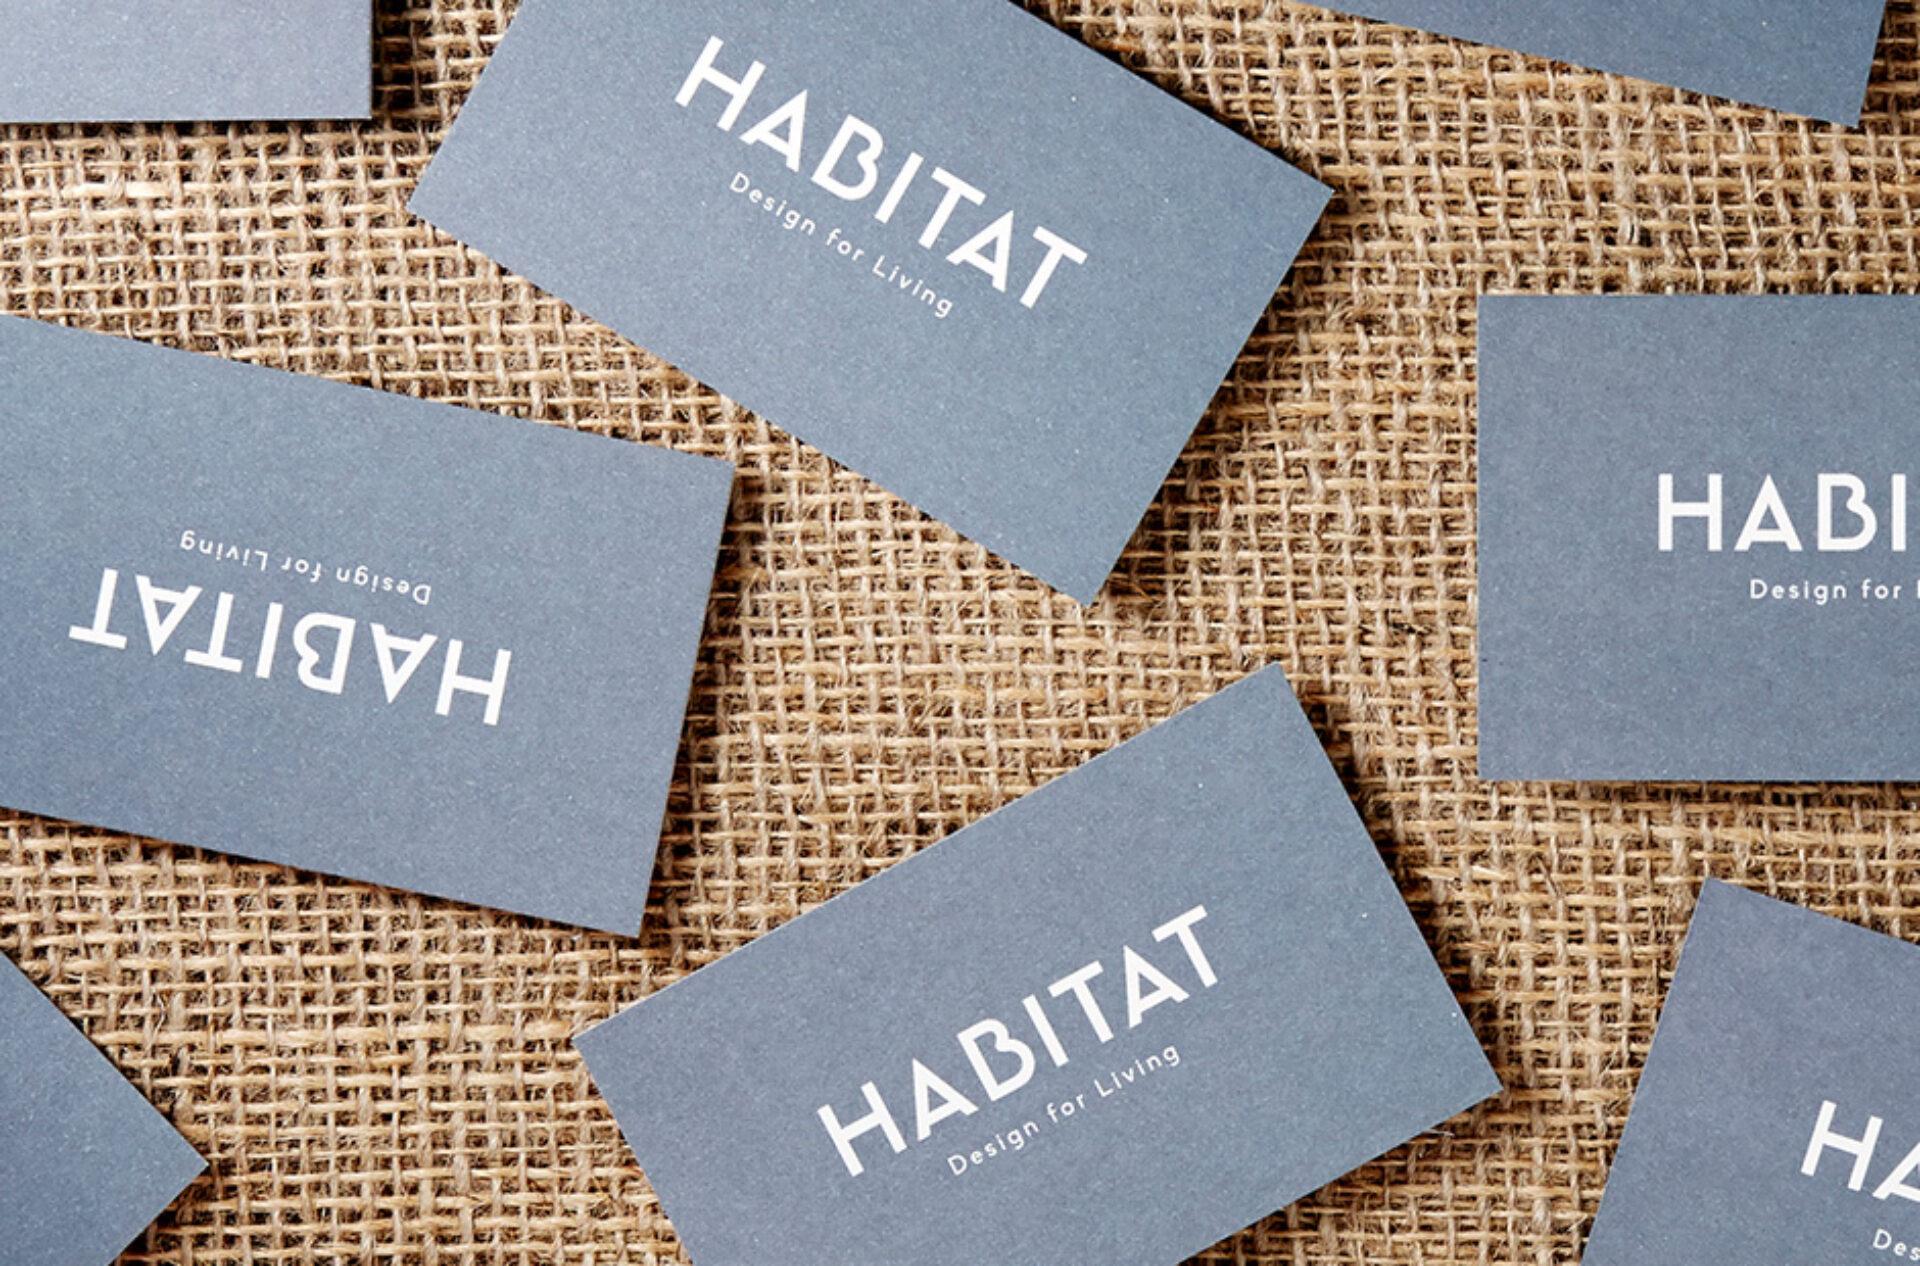 Headjam habitat 01